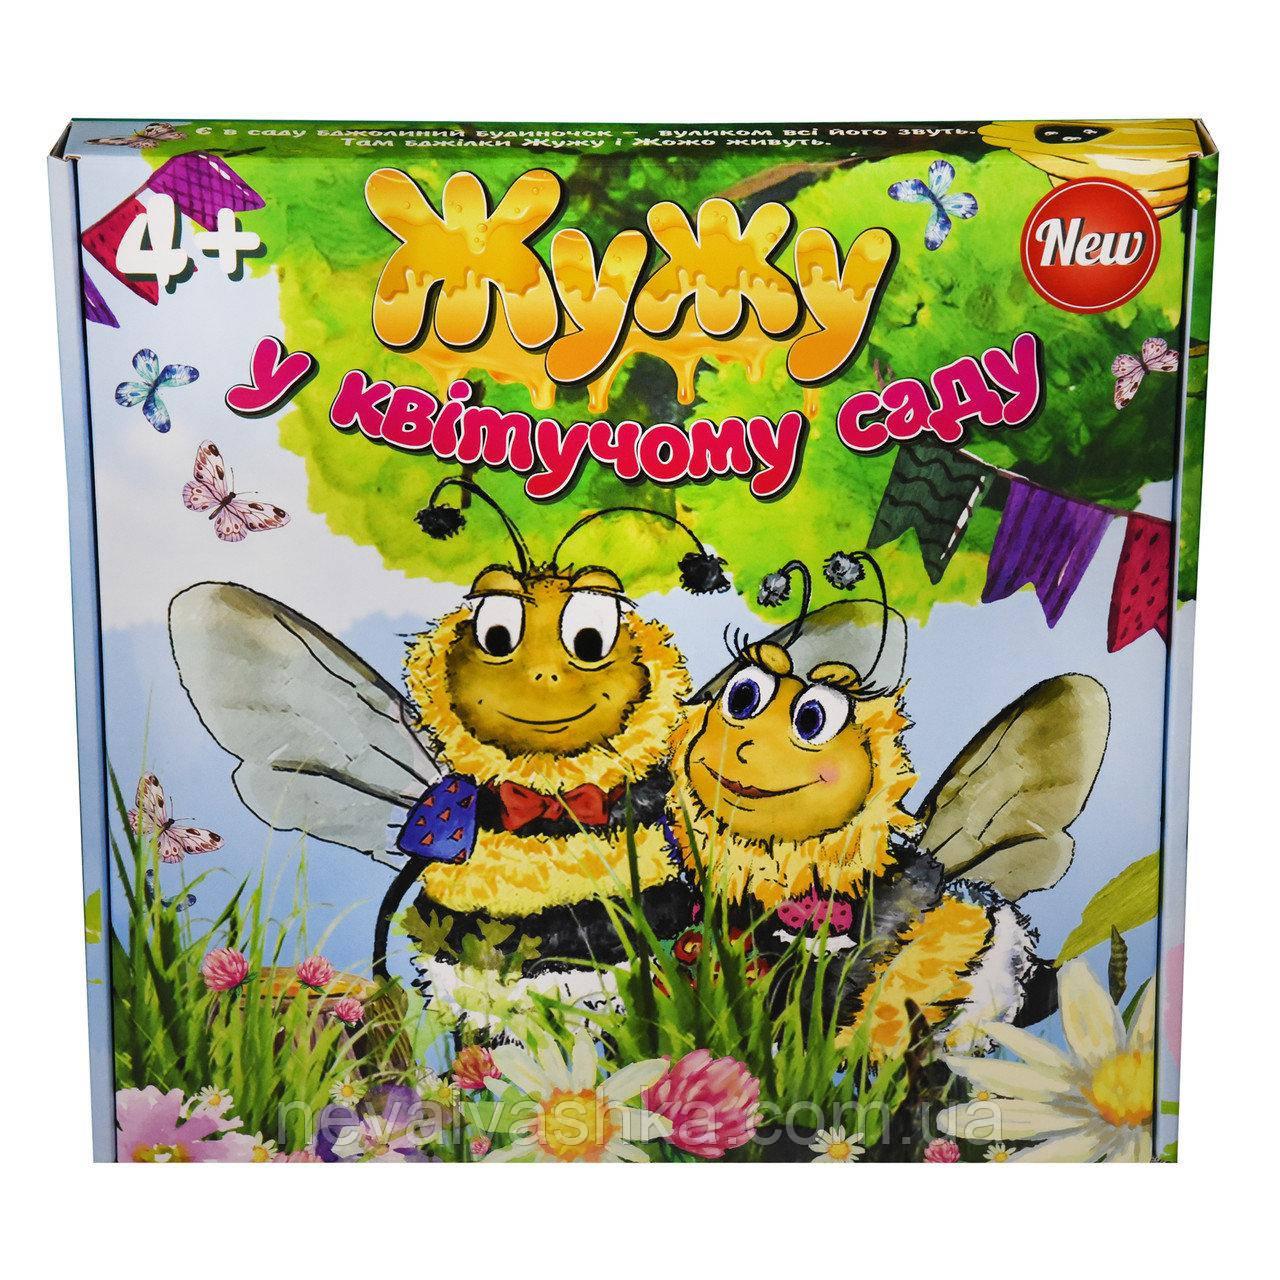 Настольная игра Strateg Жу-Жу в цветущем саду жужу в квітучому саду Стратег, Strateg 30201, 011345